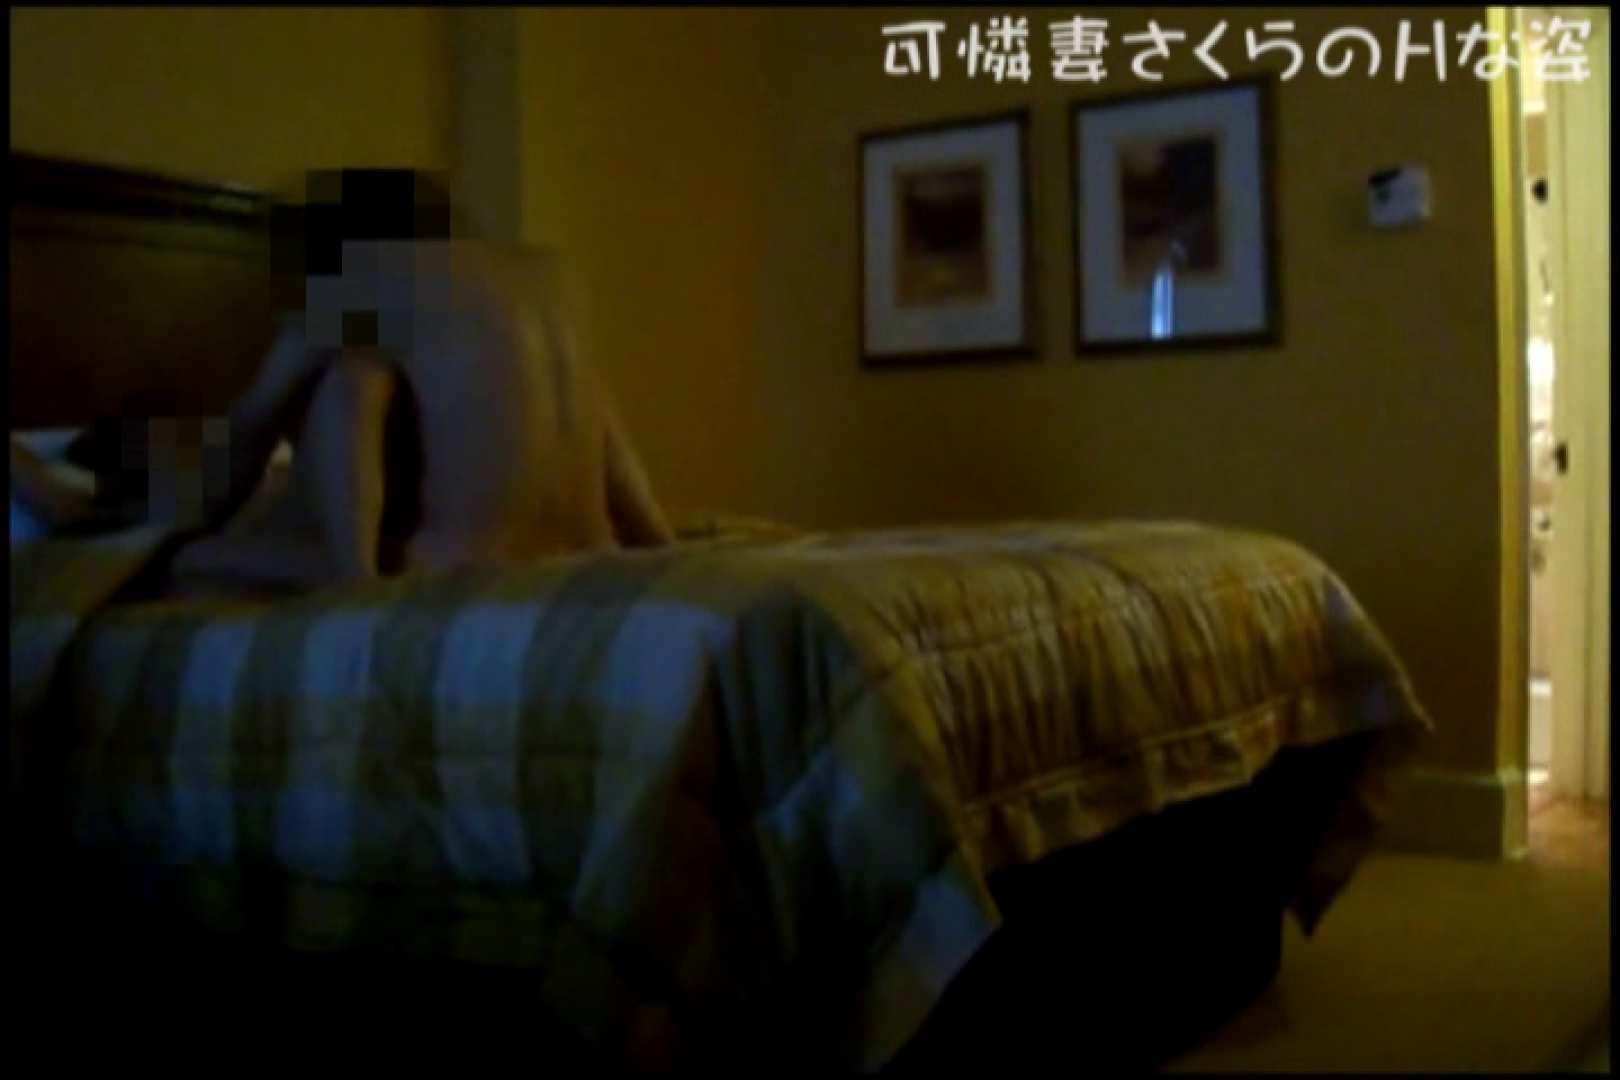 可憐妻さくらのHな姿vol.9後編 セックス | エッチすぎるOL達  105連発 99